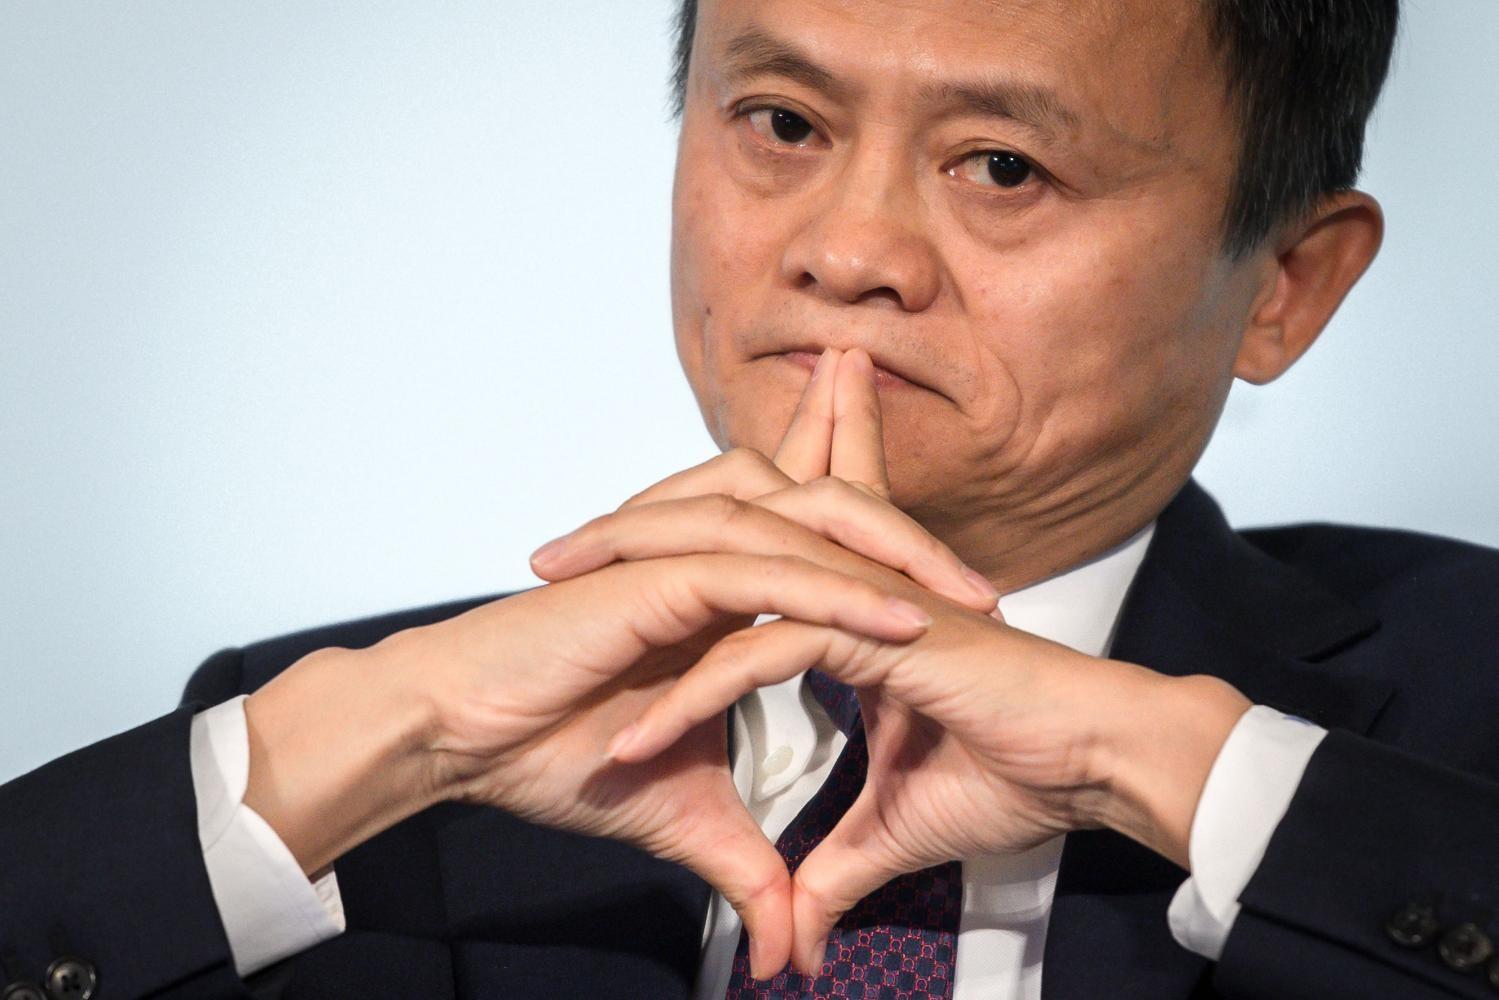 Giá trị tài sản của tỷ phú Jack Ma giảm 3,6 tỷ USD sau khi công ty Alibaba bị điều tra. Ảnh: Bangkok Post.